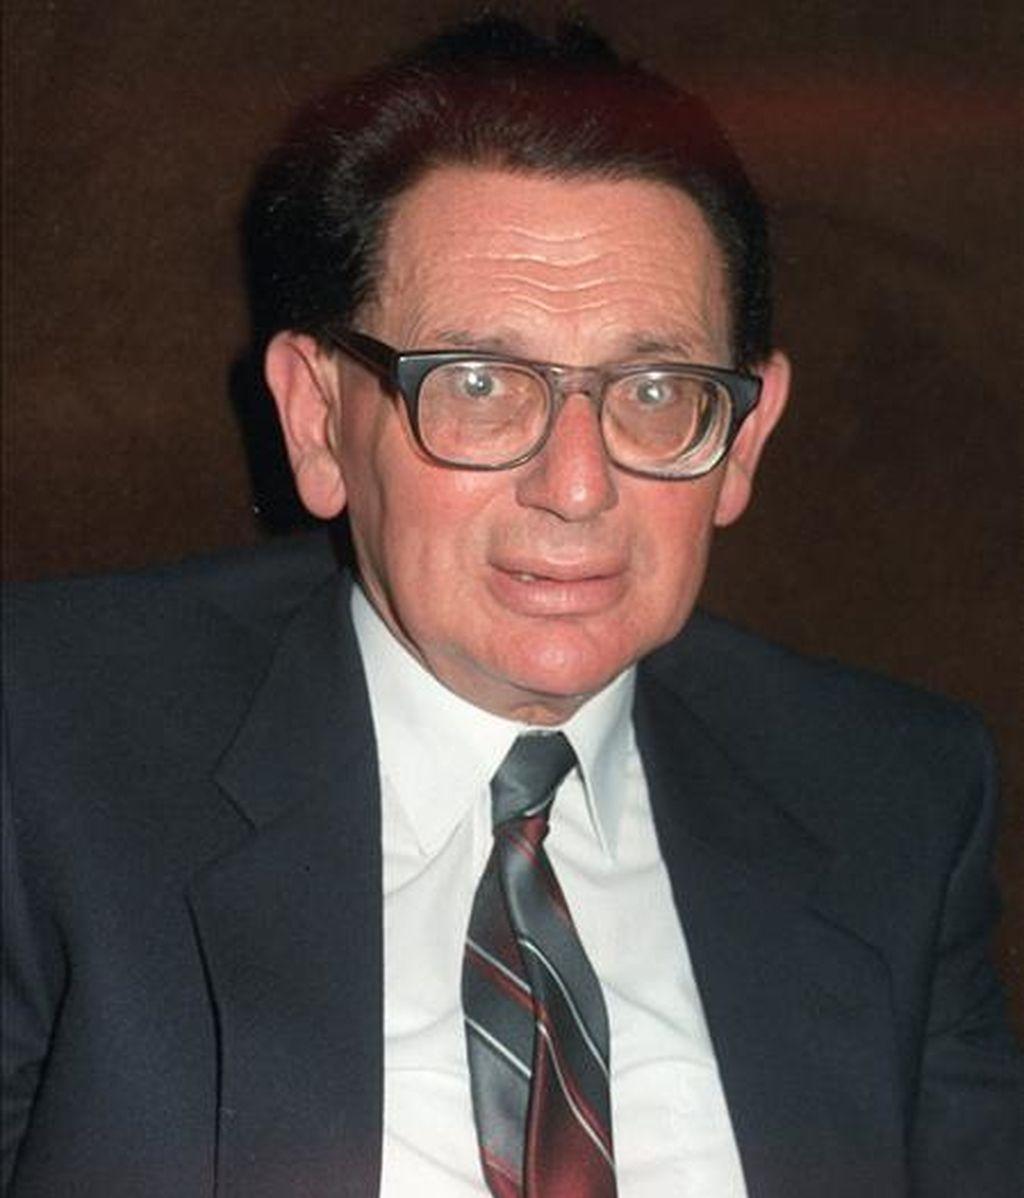 Primer plano del físico Marcos Moshinsky, Investigador del Instituto de Física de la Universidad Nacional Autónoma de México. EFE/Archivo